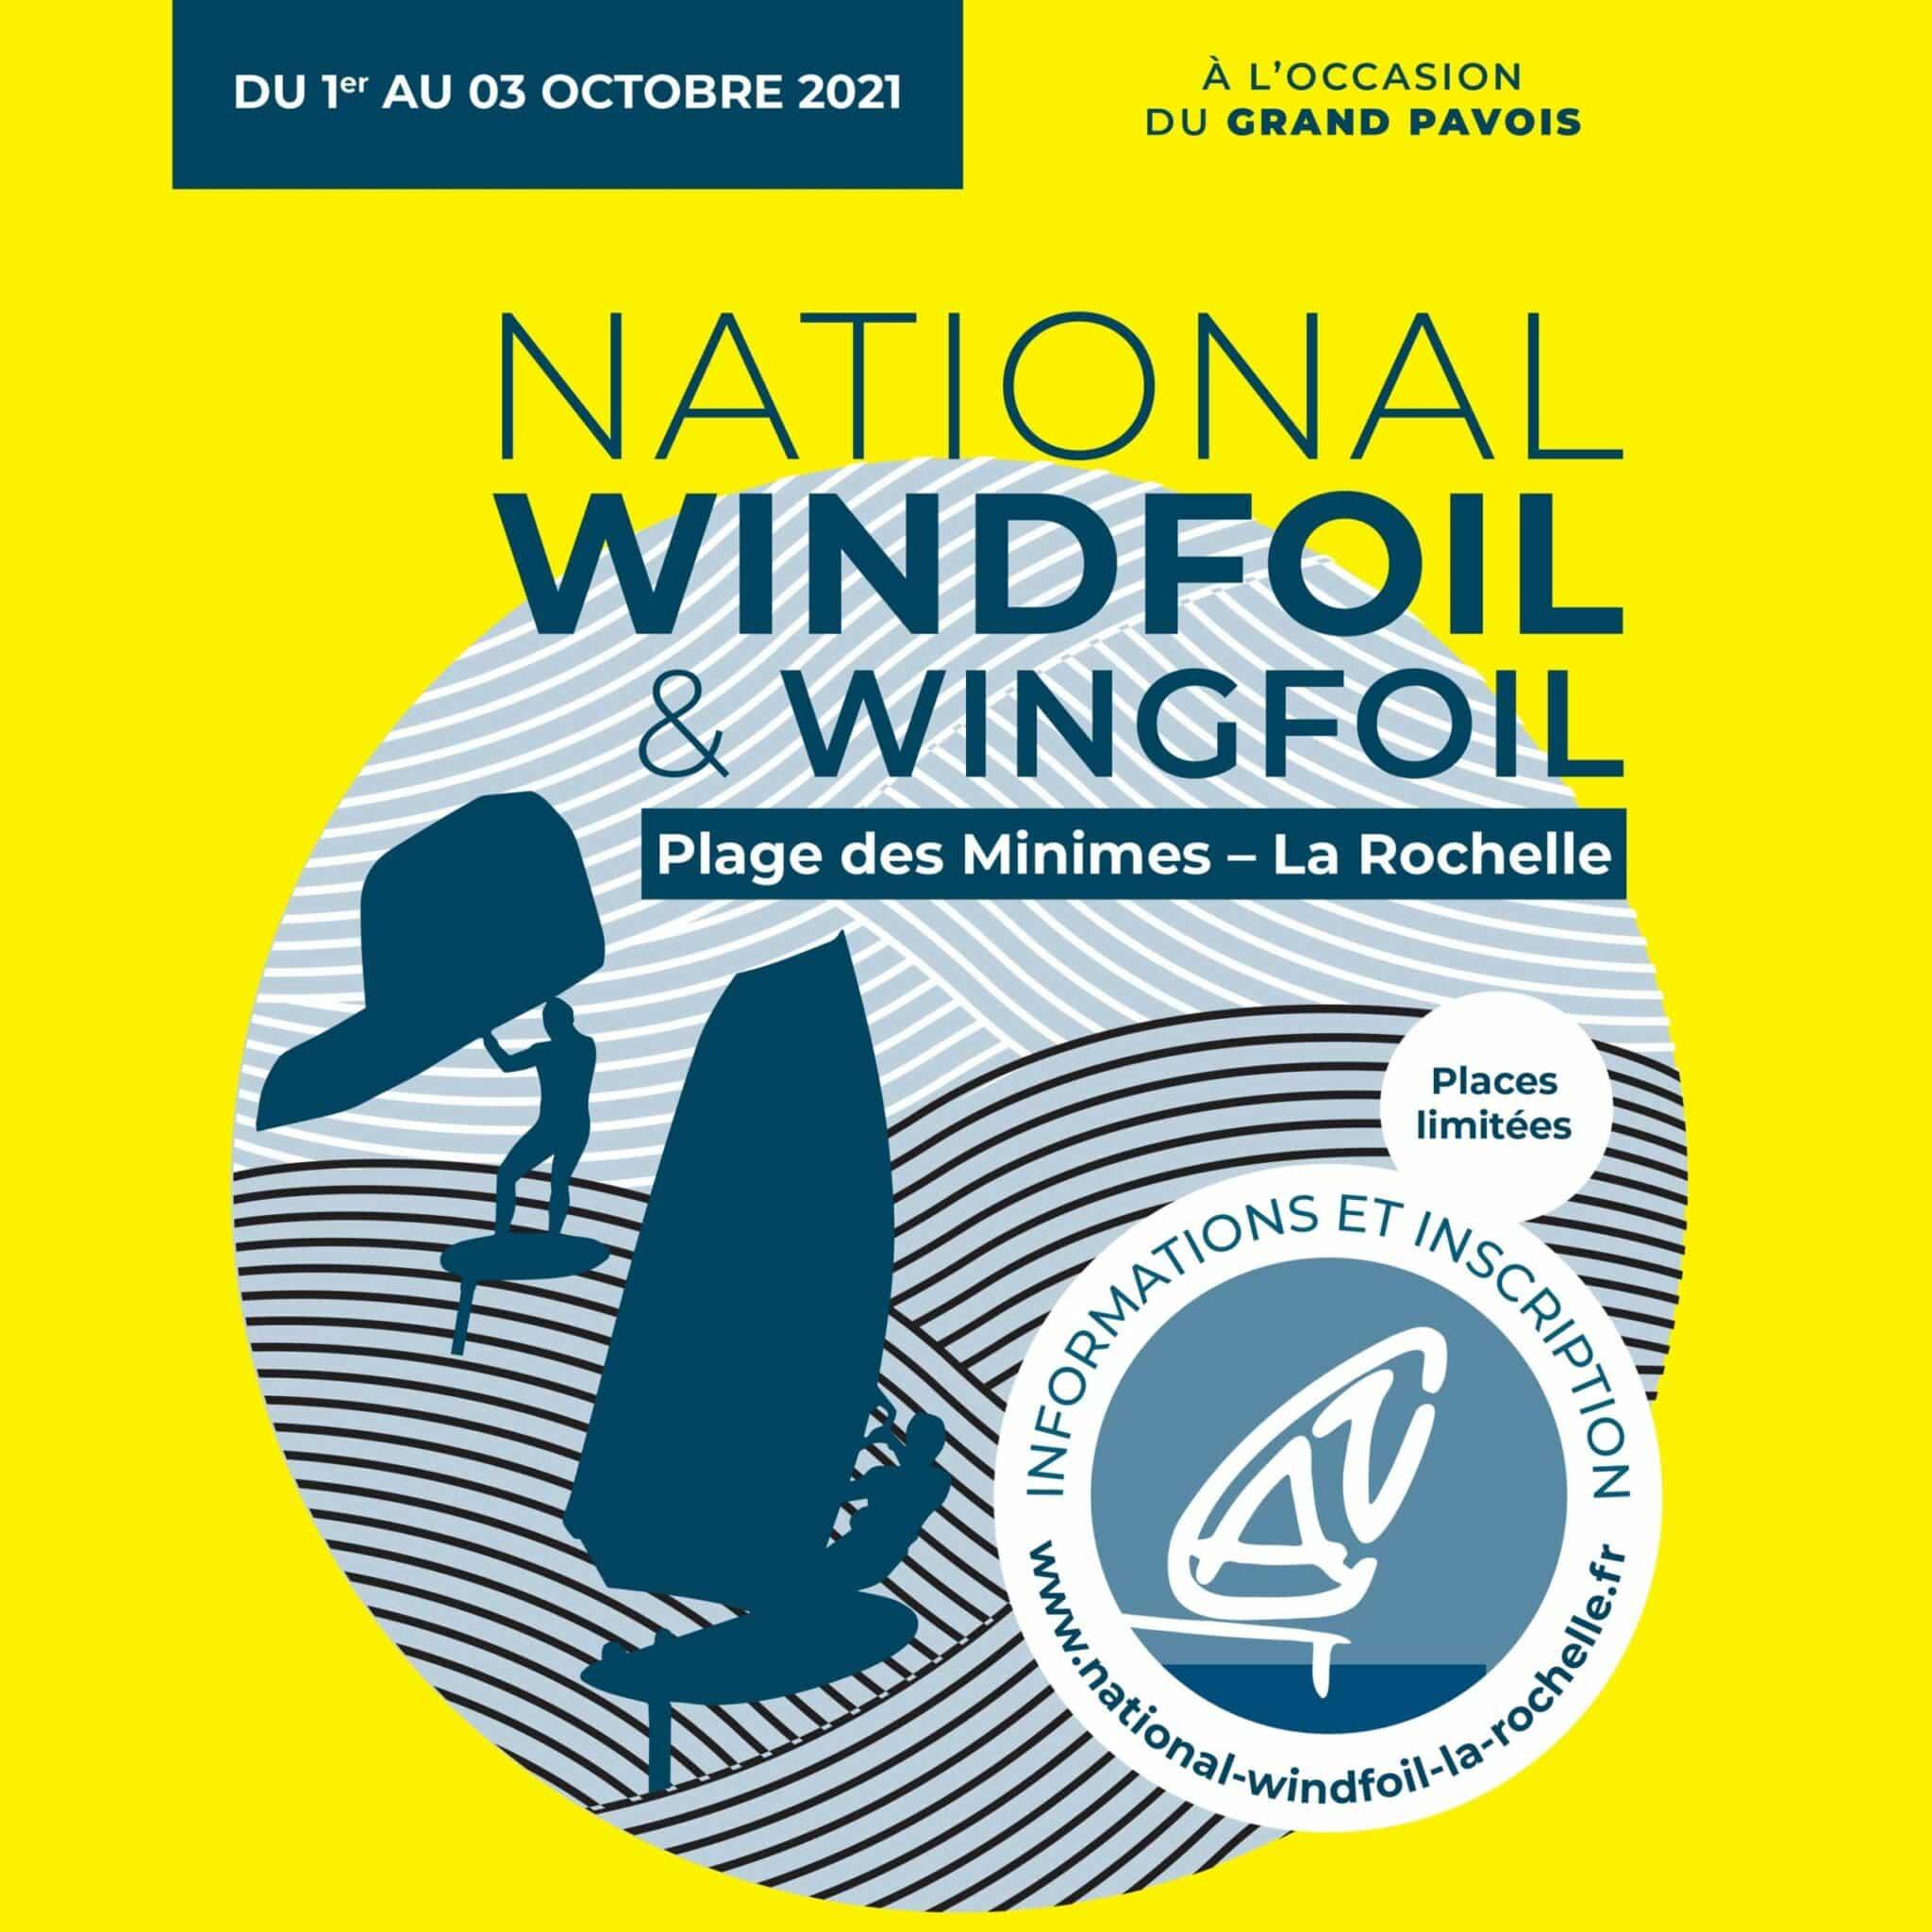 Affiche du National Windfoil et Wingfoil La Rochelle 2021